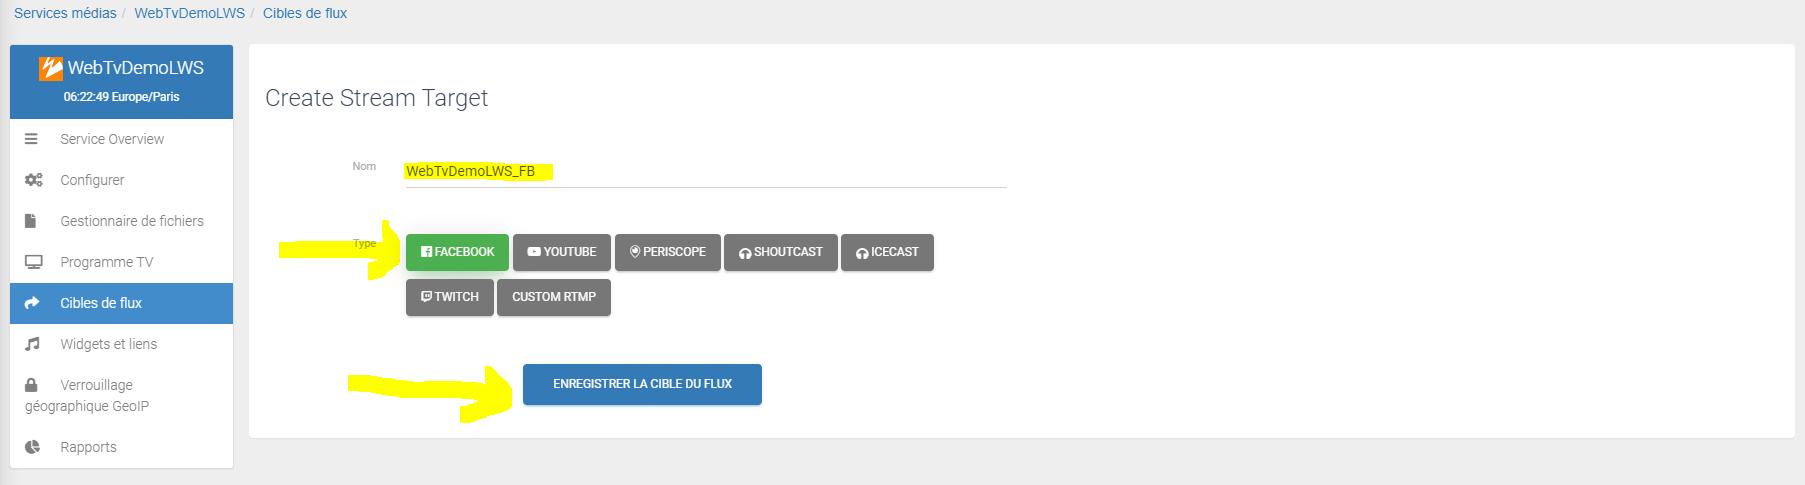 Définissez le réseau social pour diffuser votre webtv en direct